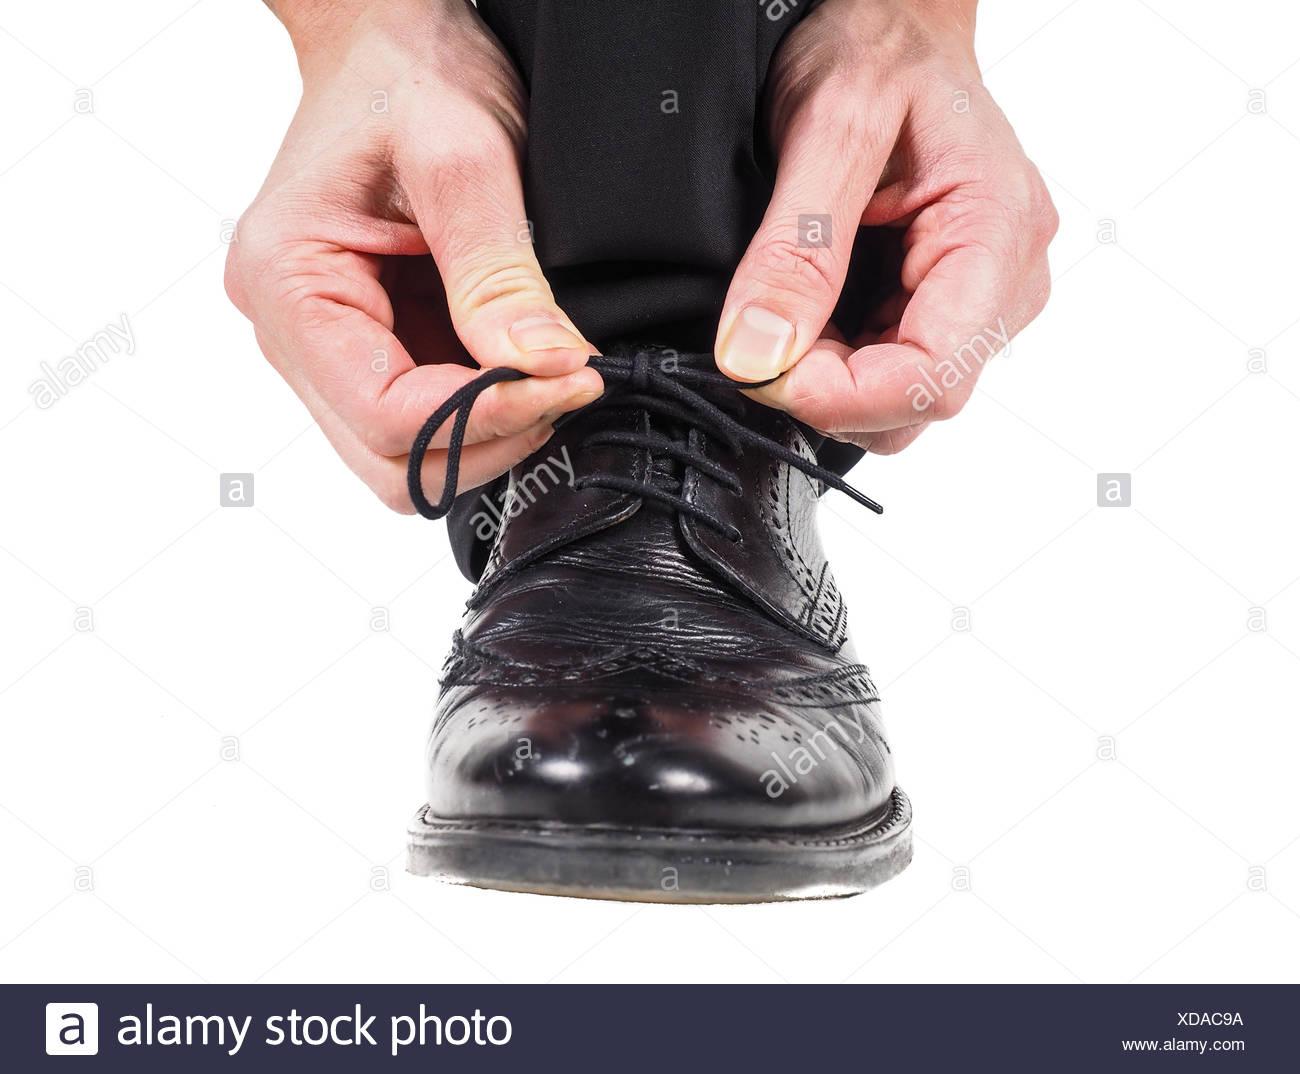 Black Woman Tying Shoe Laces